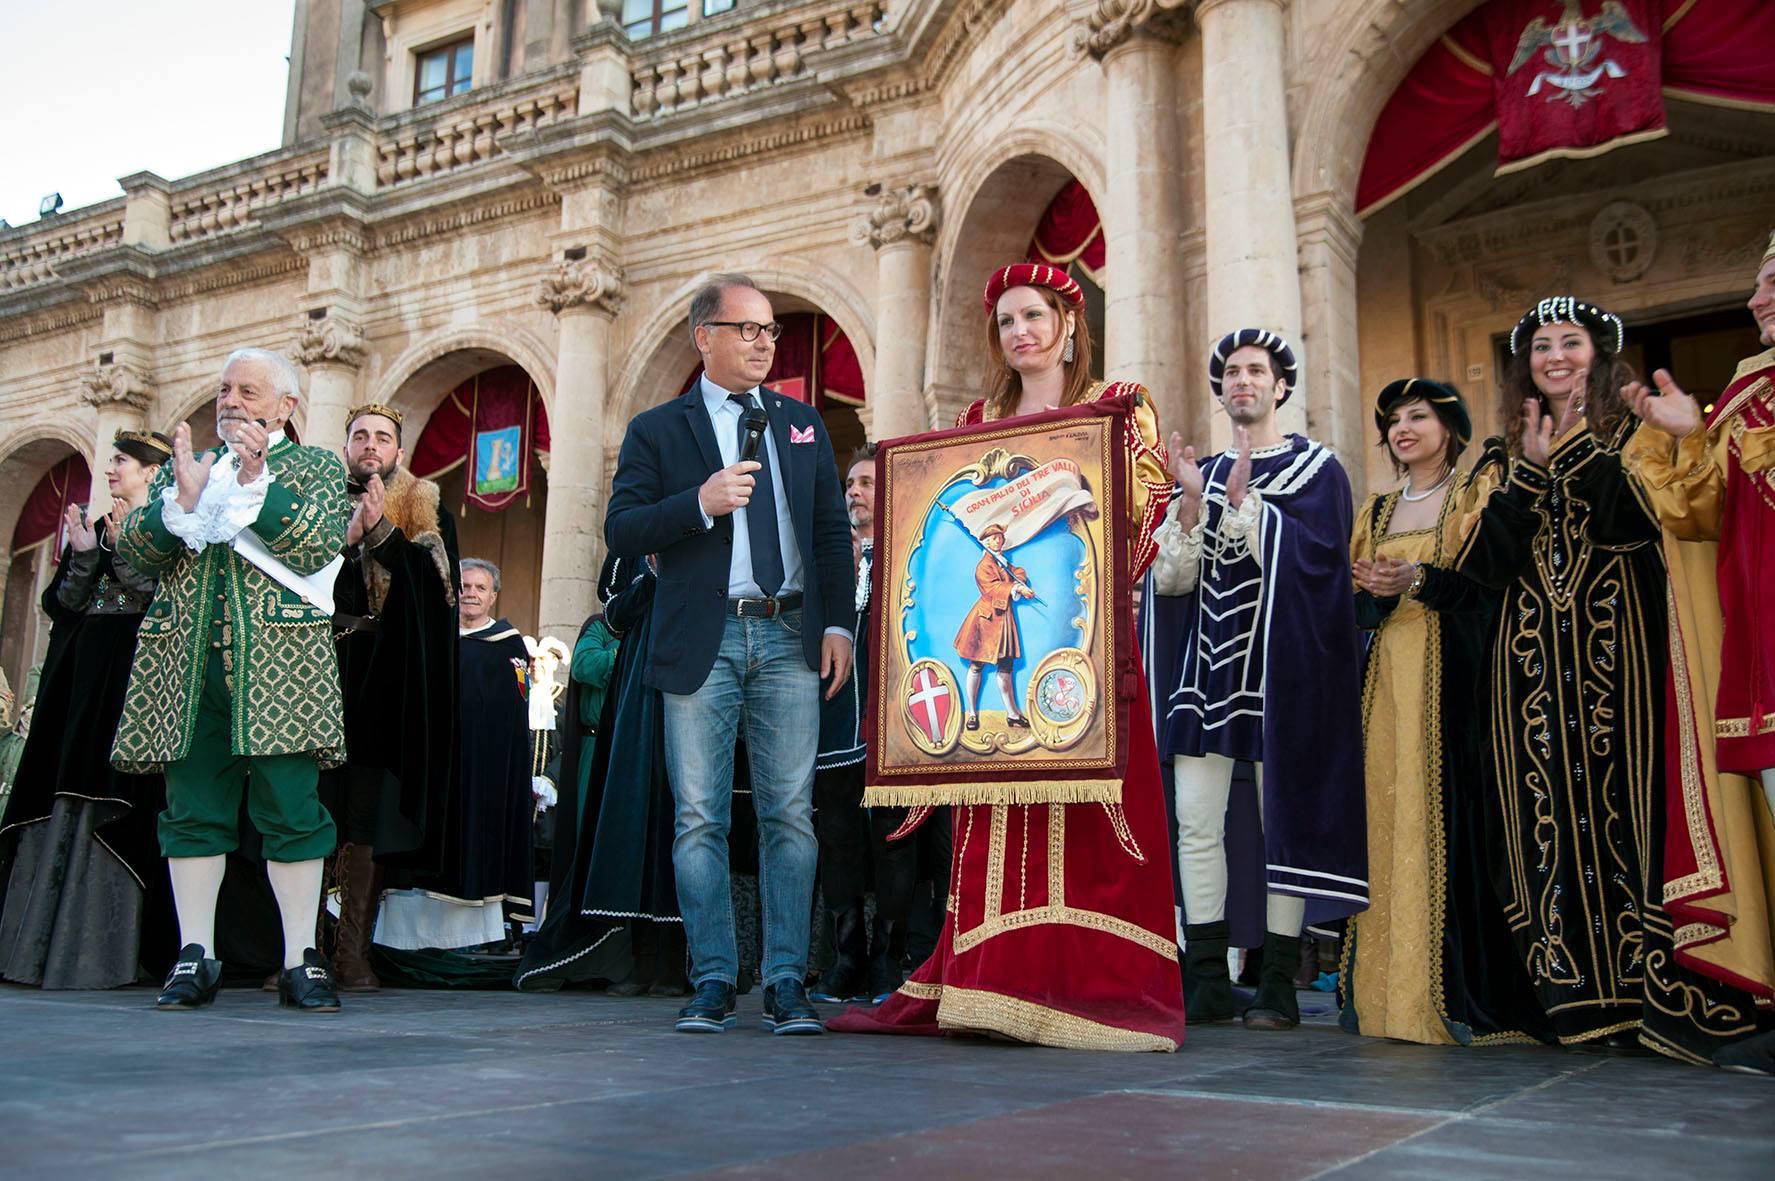 Corteo barocco di Noto, il primo posto ai figuranti di Castelbuono